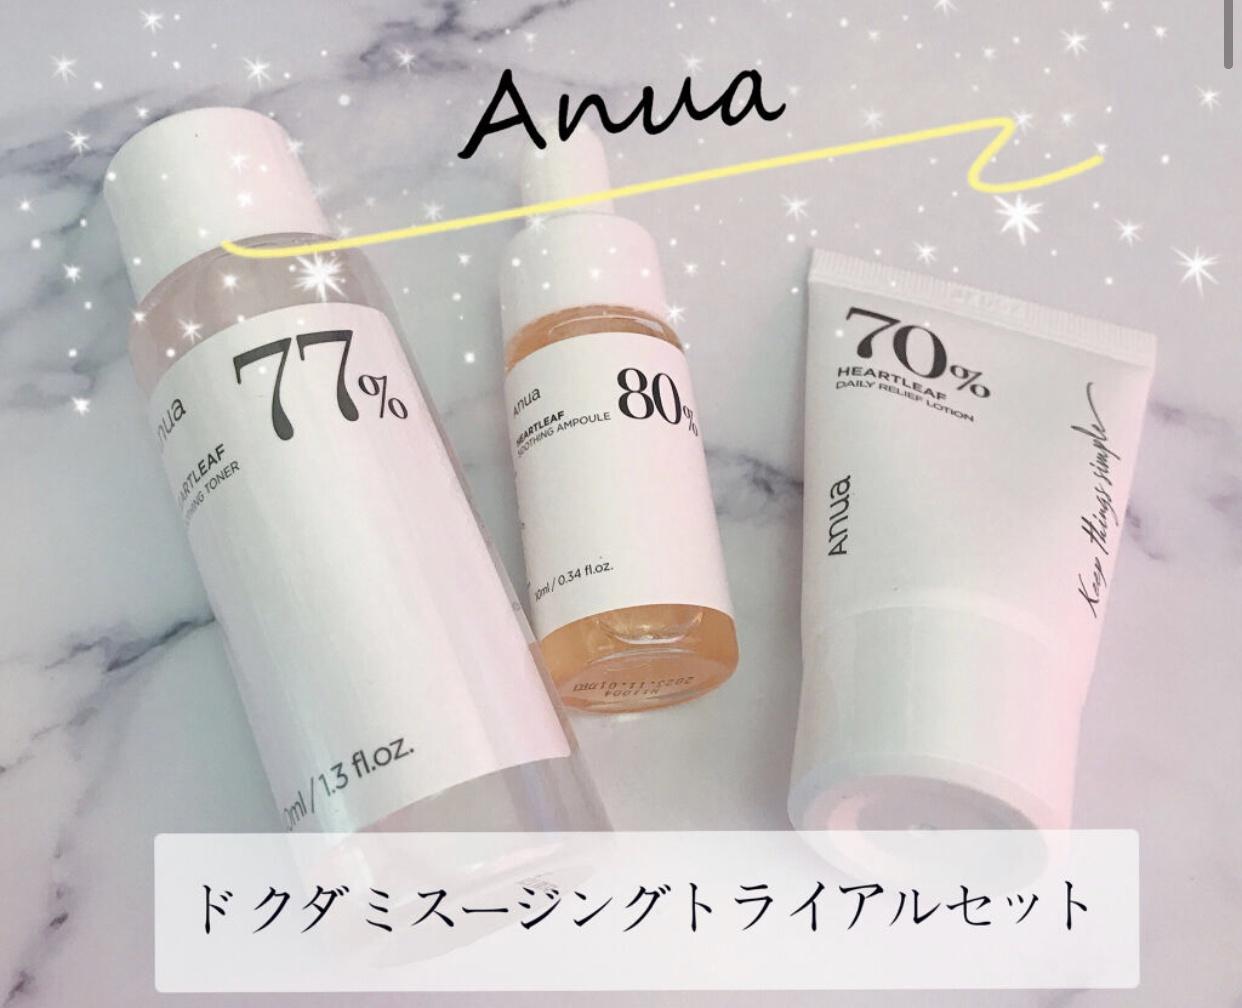 Anua(アヌア) ハートリーフ77%スージングトナーを使ったMarukoさんのクチコミ画像1